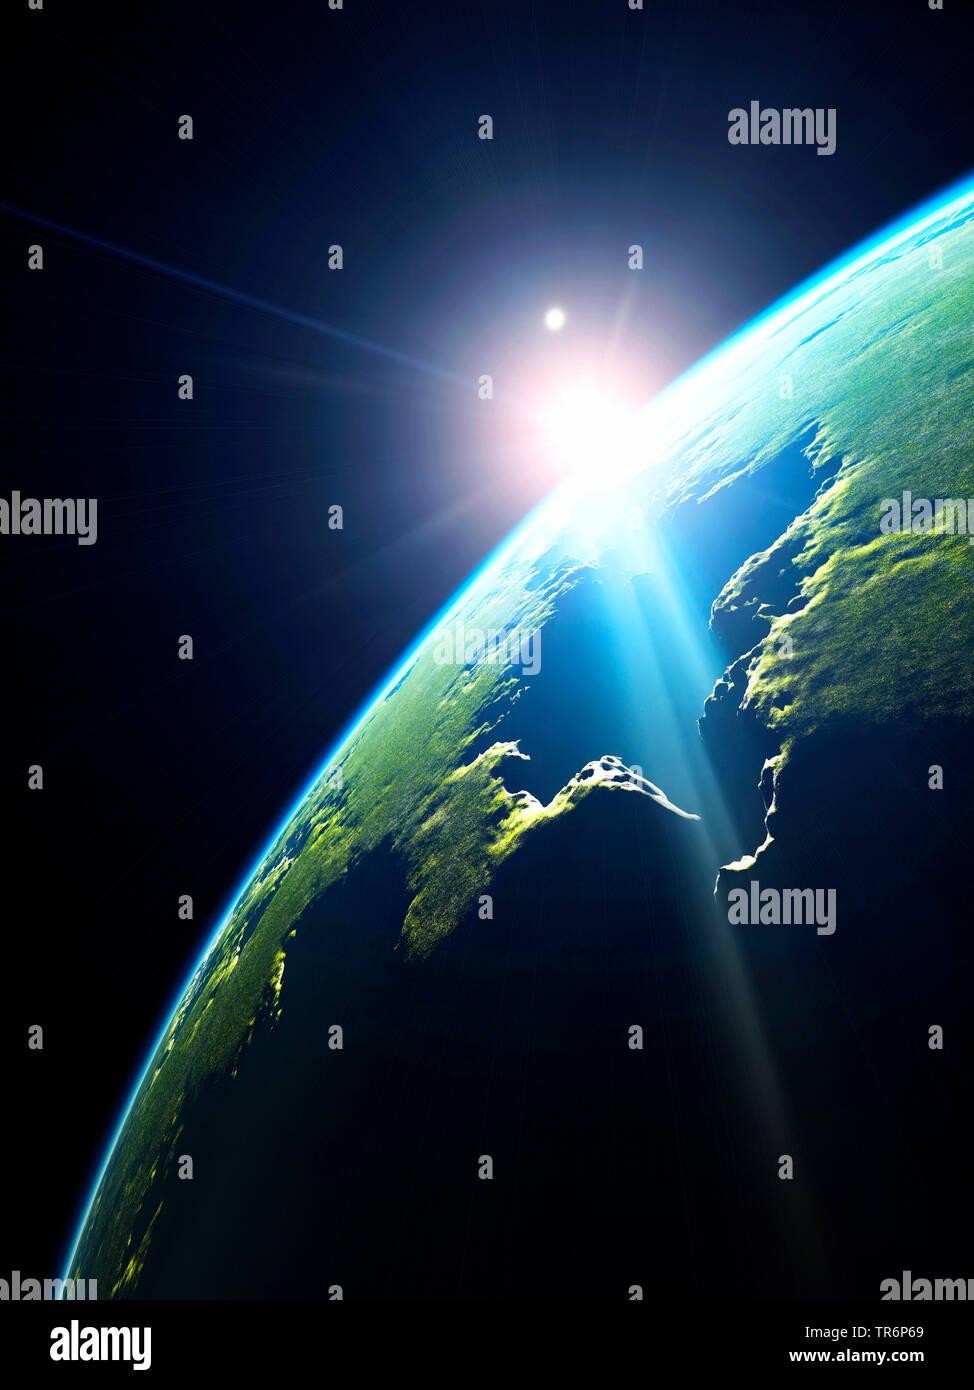 Ein grüner Planet im Weltall bei Sonnenaufgang, Computergraphik, Virtuelle Welten | gree Planeten mit Leben im Weltraum, virtuelle Welten, Comput Stockbild